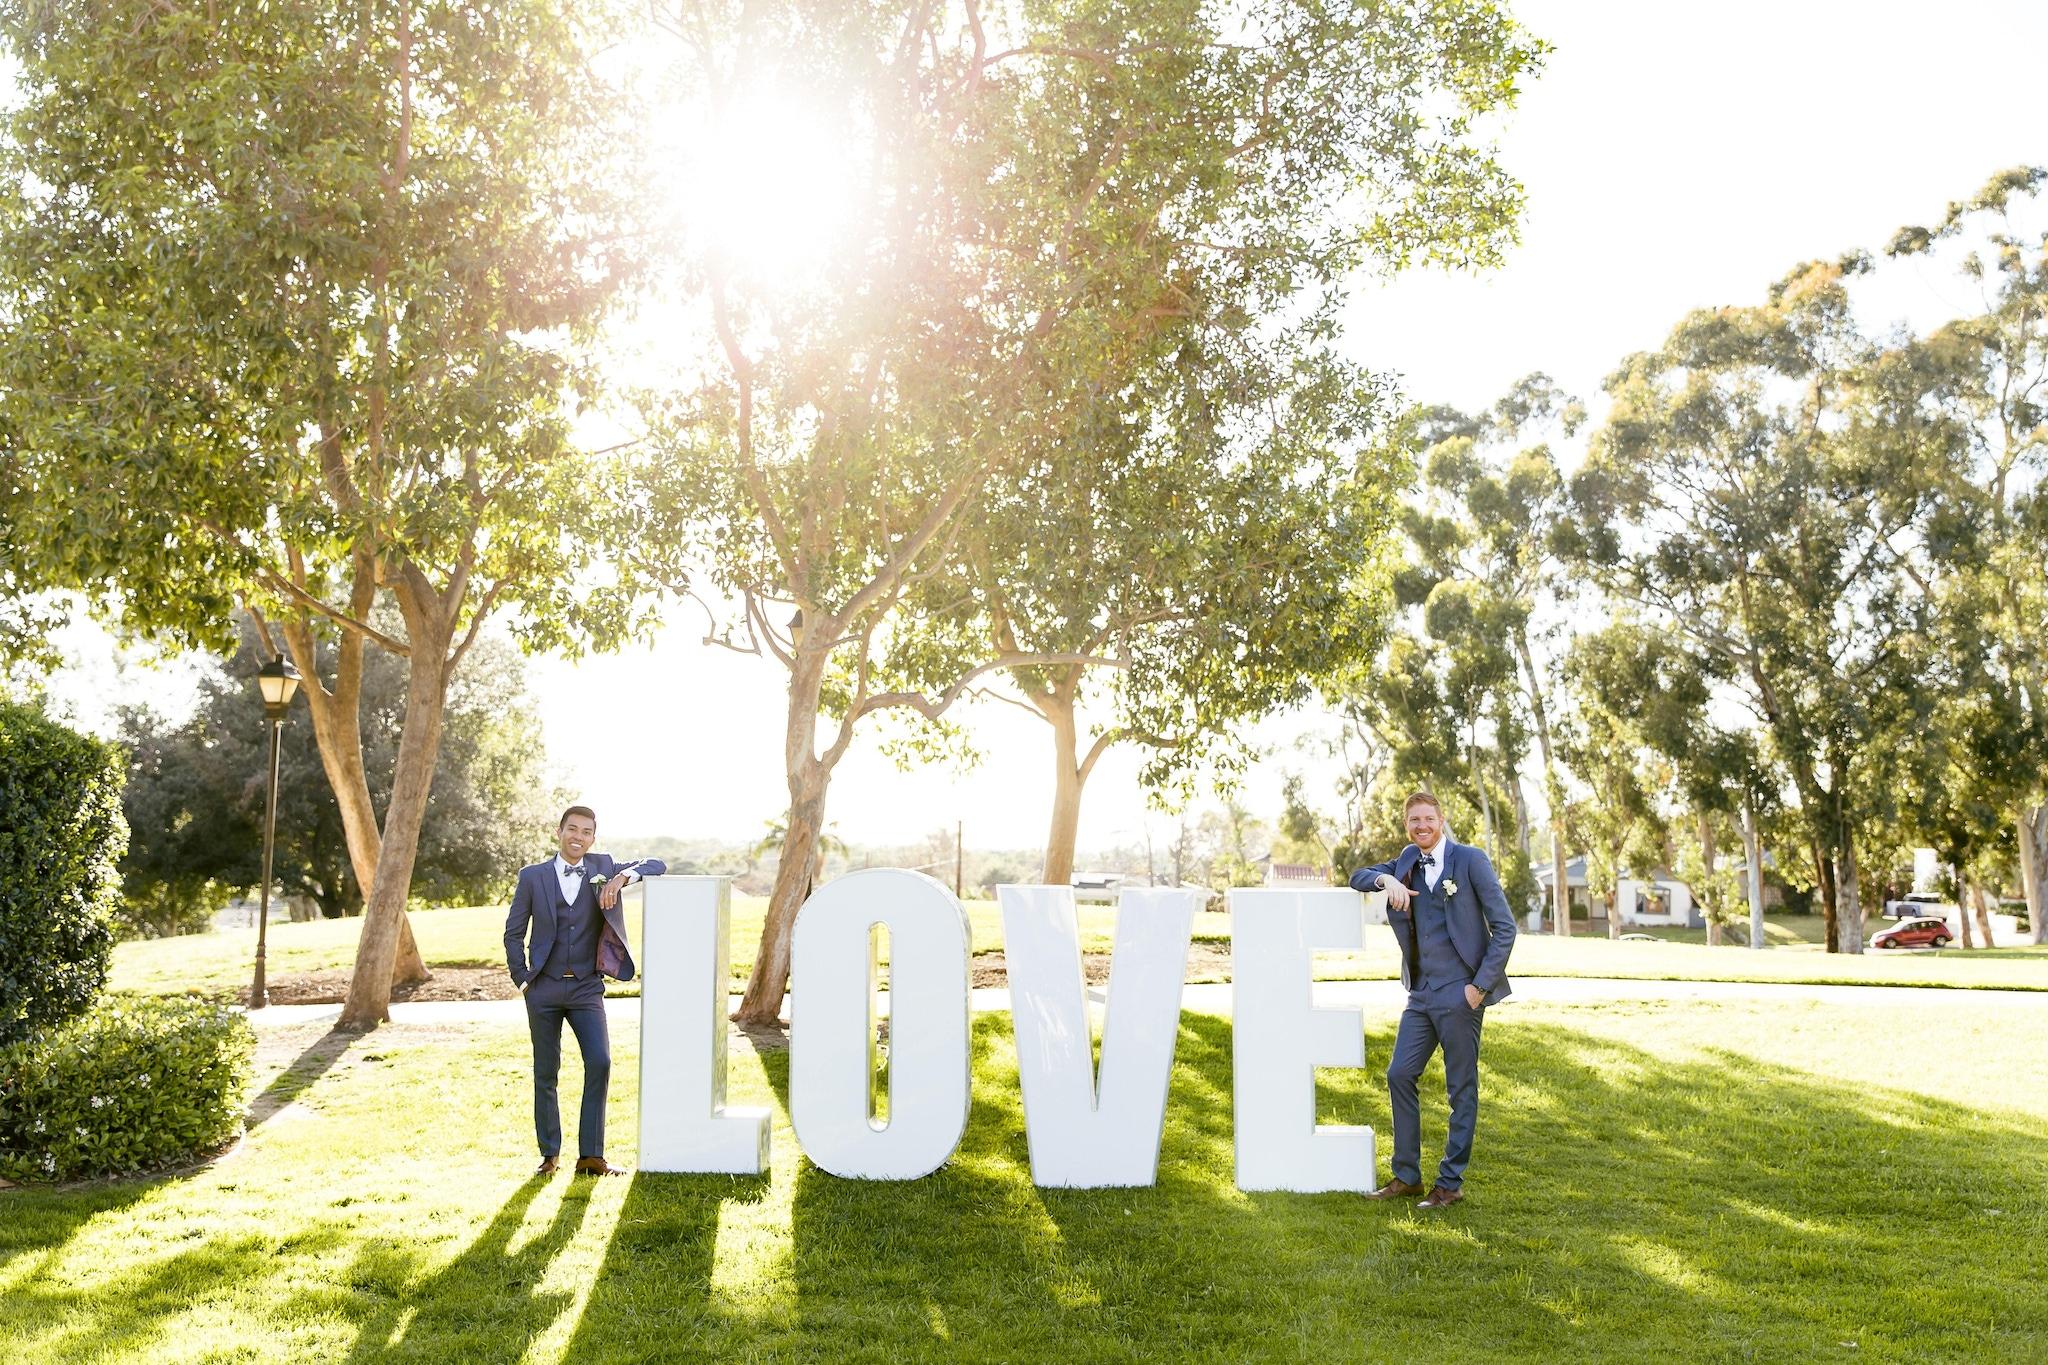 Love sign outdoor wedding